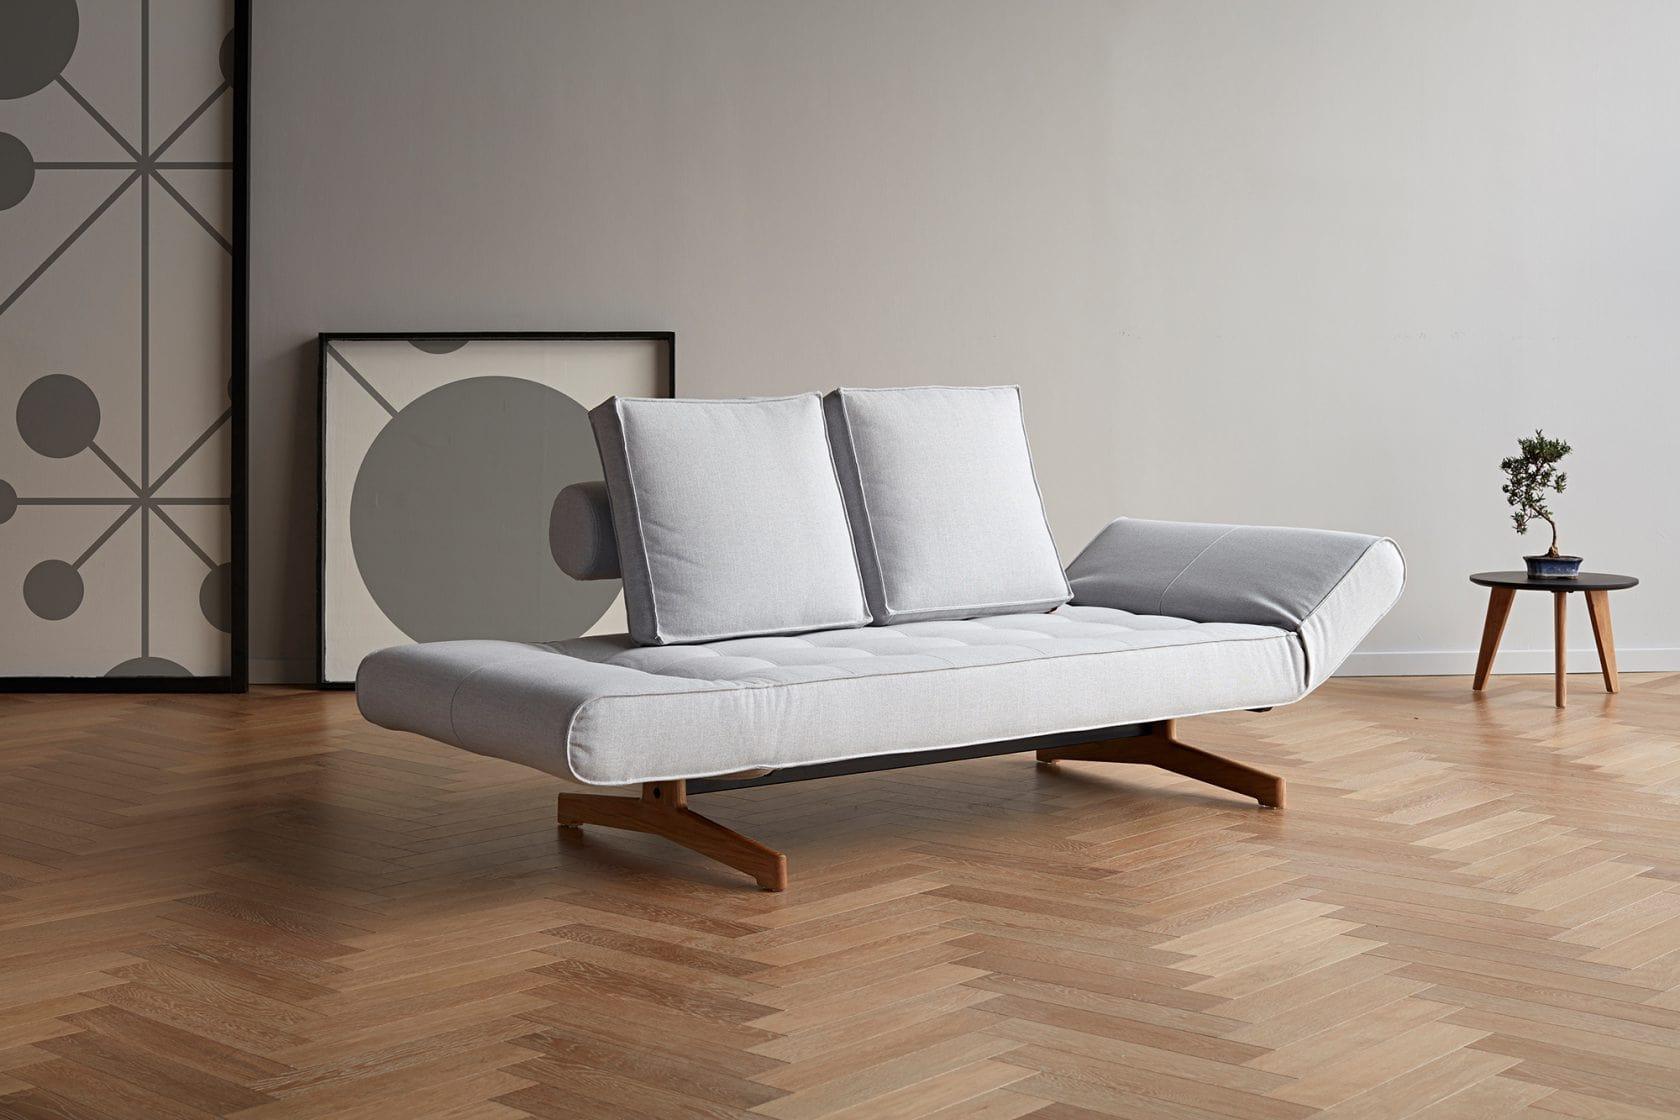 Ghia Wood Daybed Oak 517 Elegance Light Grey 2